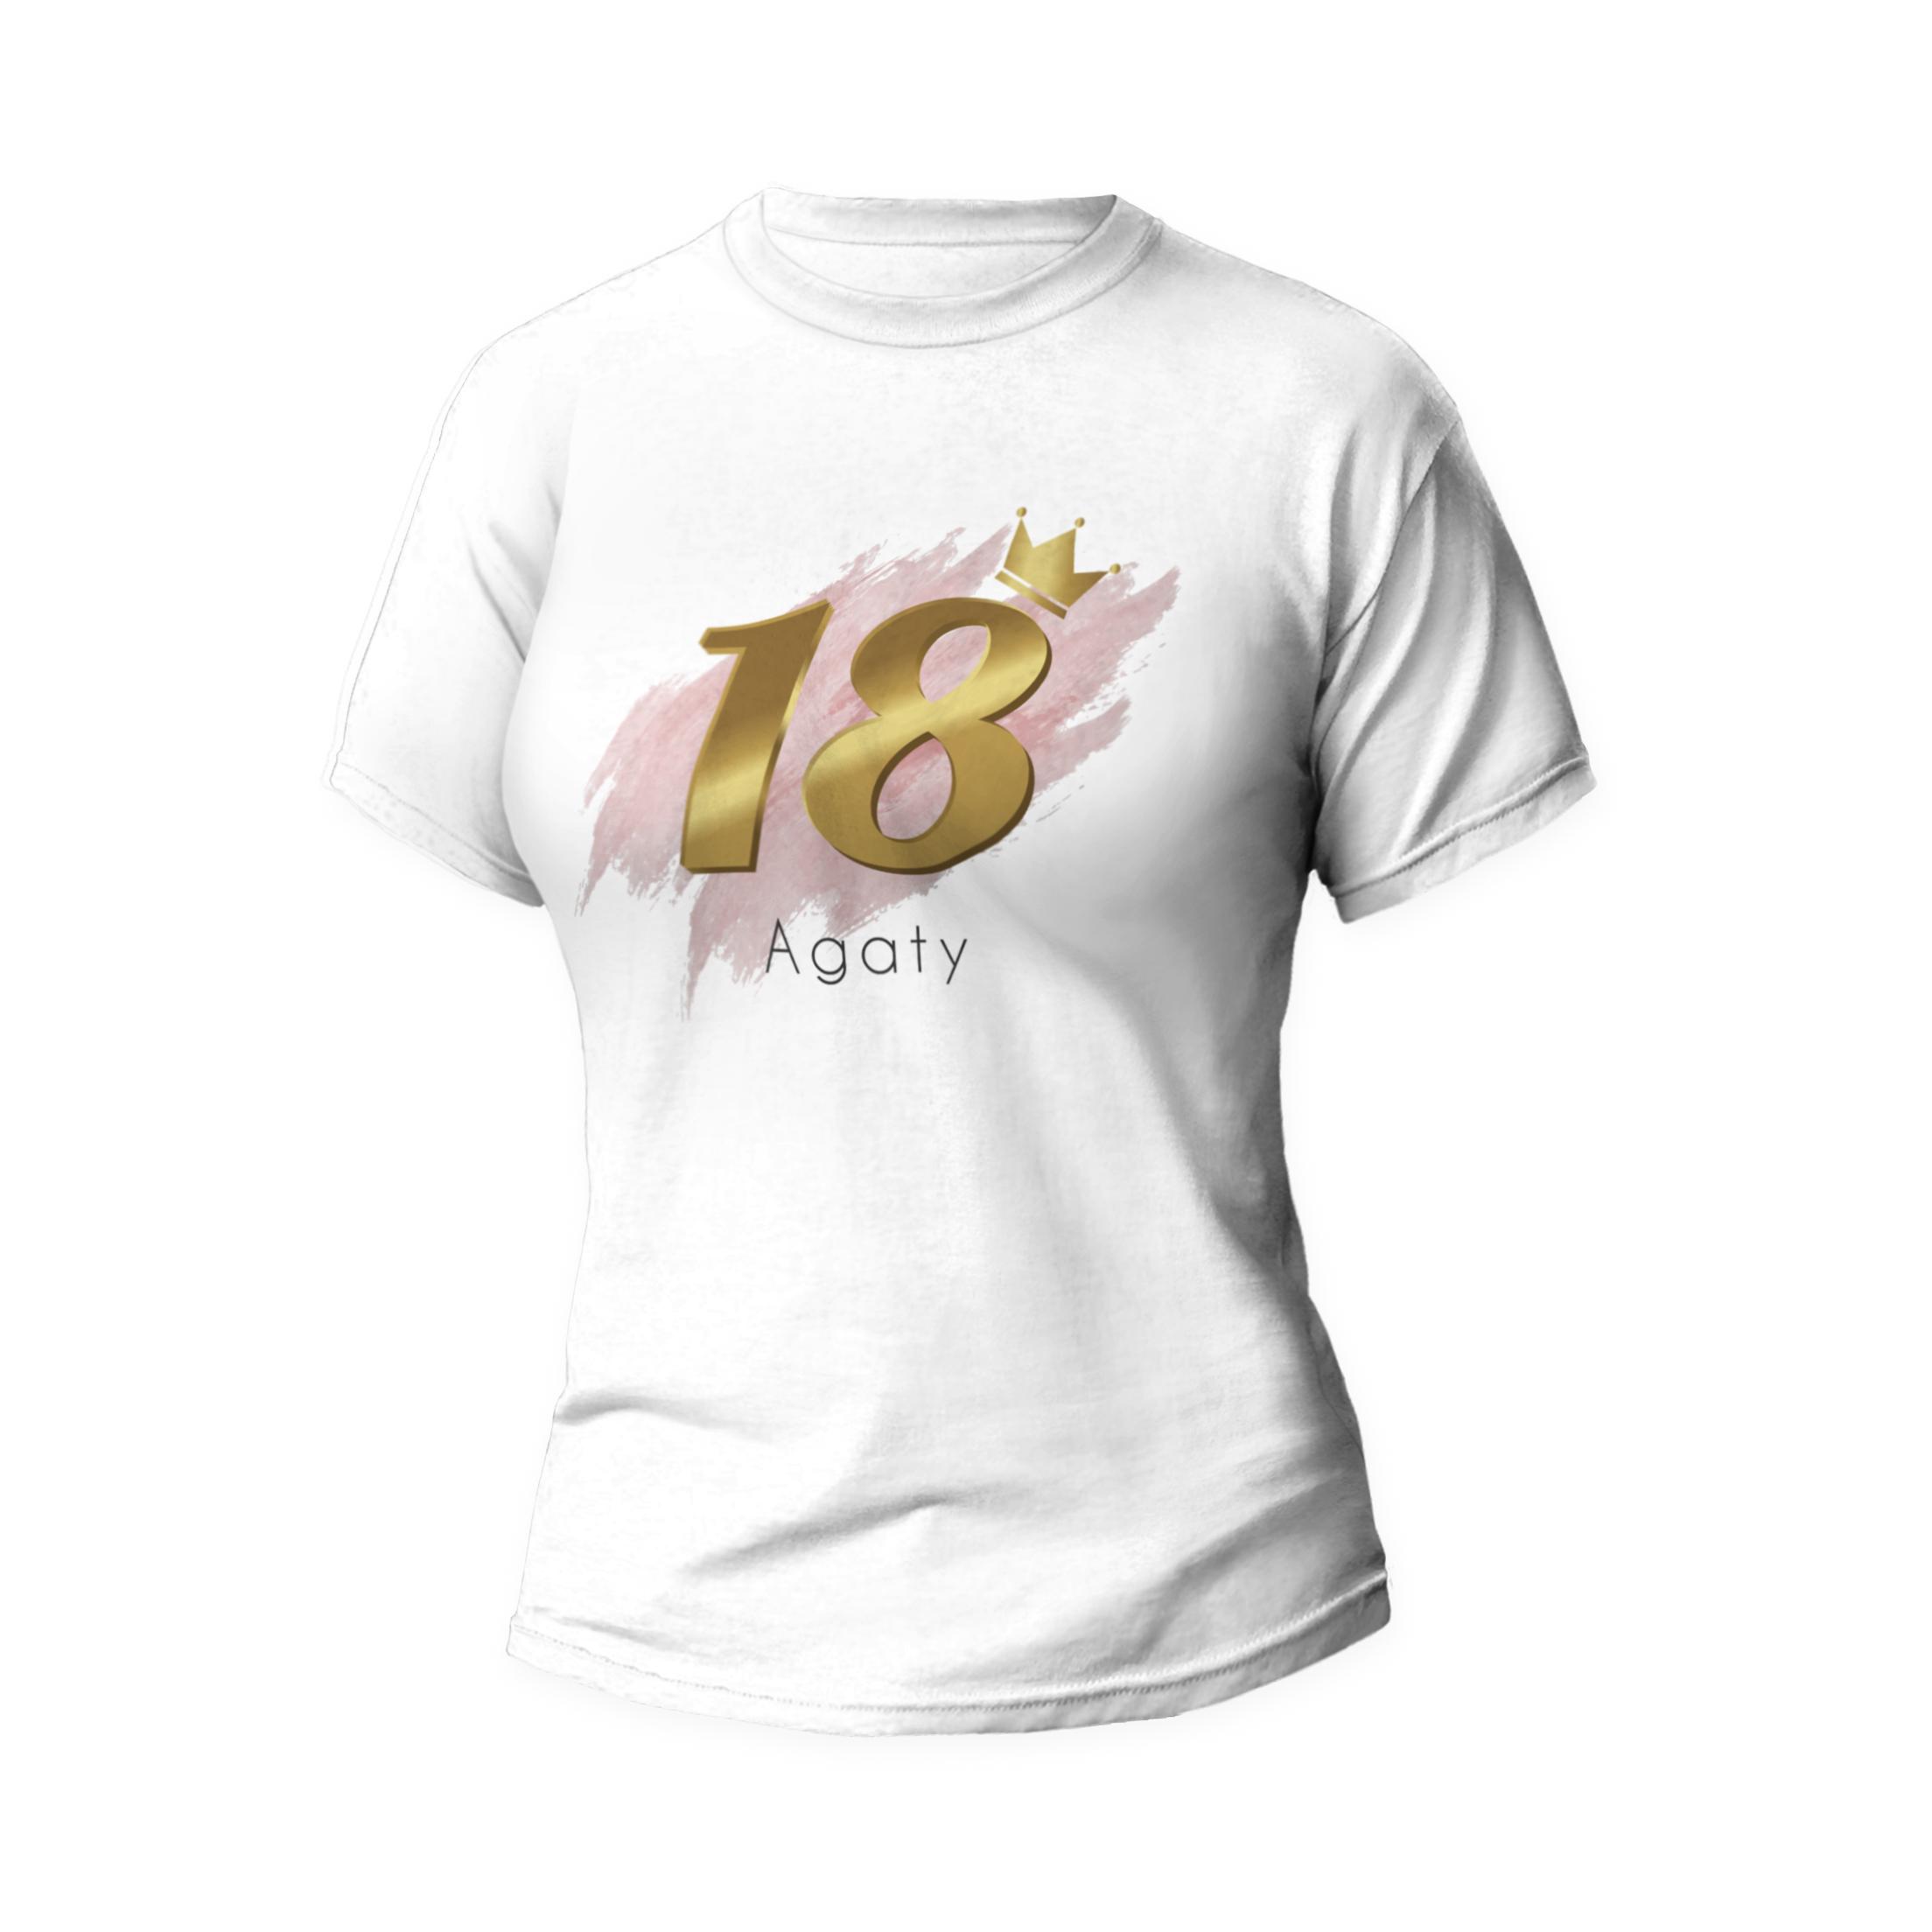 Rozmiar XXL - koszulka damska z własnym nadrukiem na urodziny - 18 osiemnastka - biała